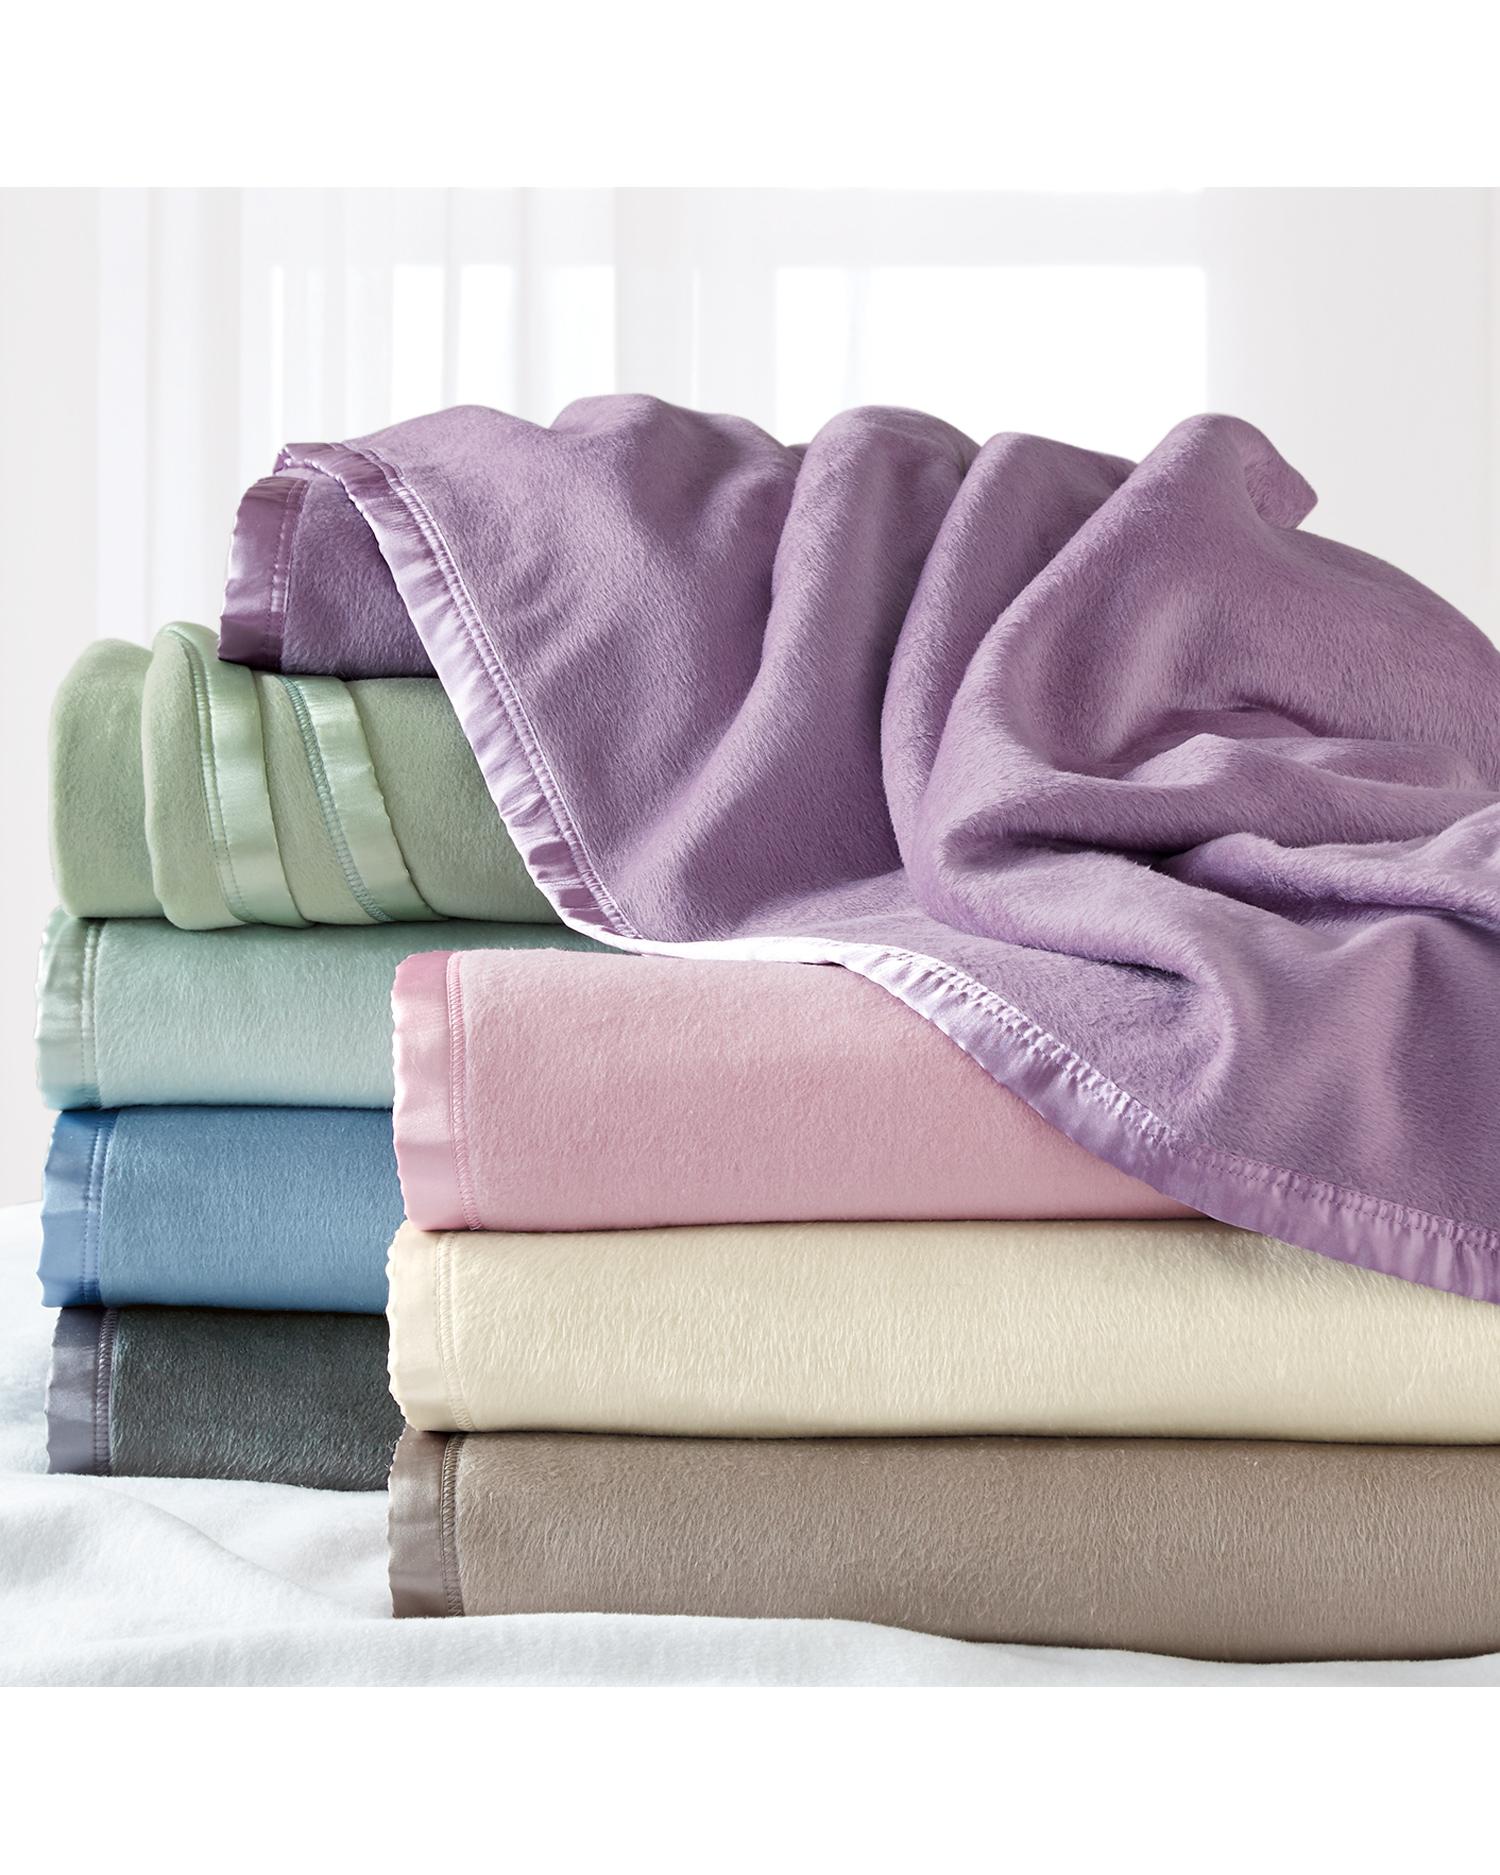 lennox silk blanket